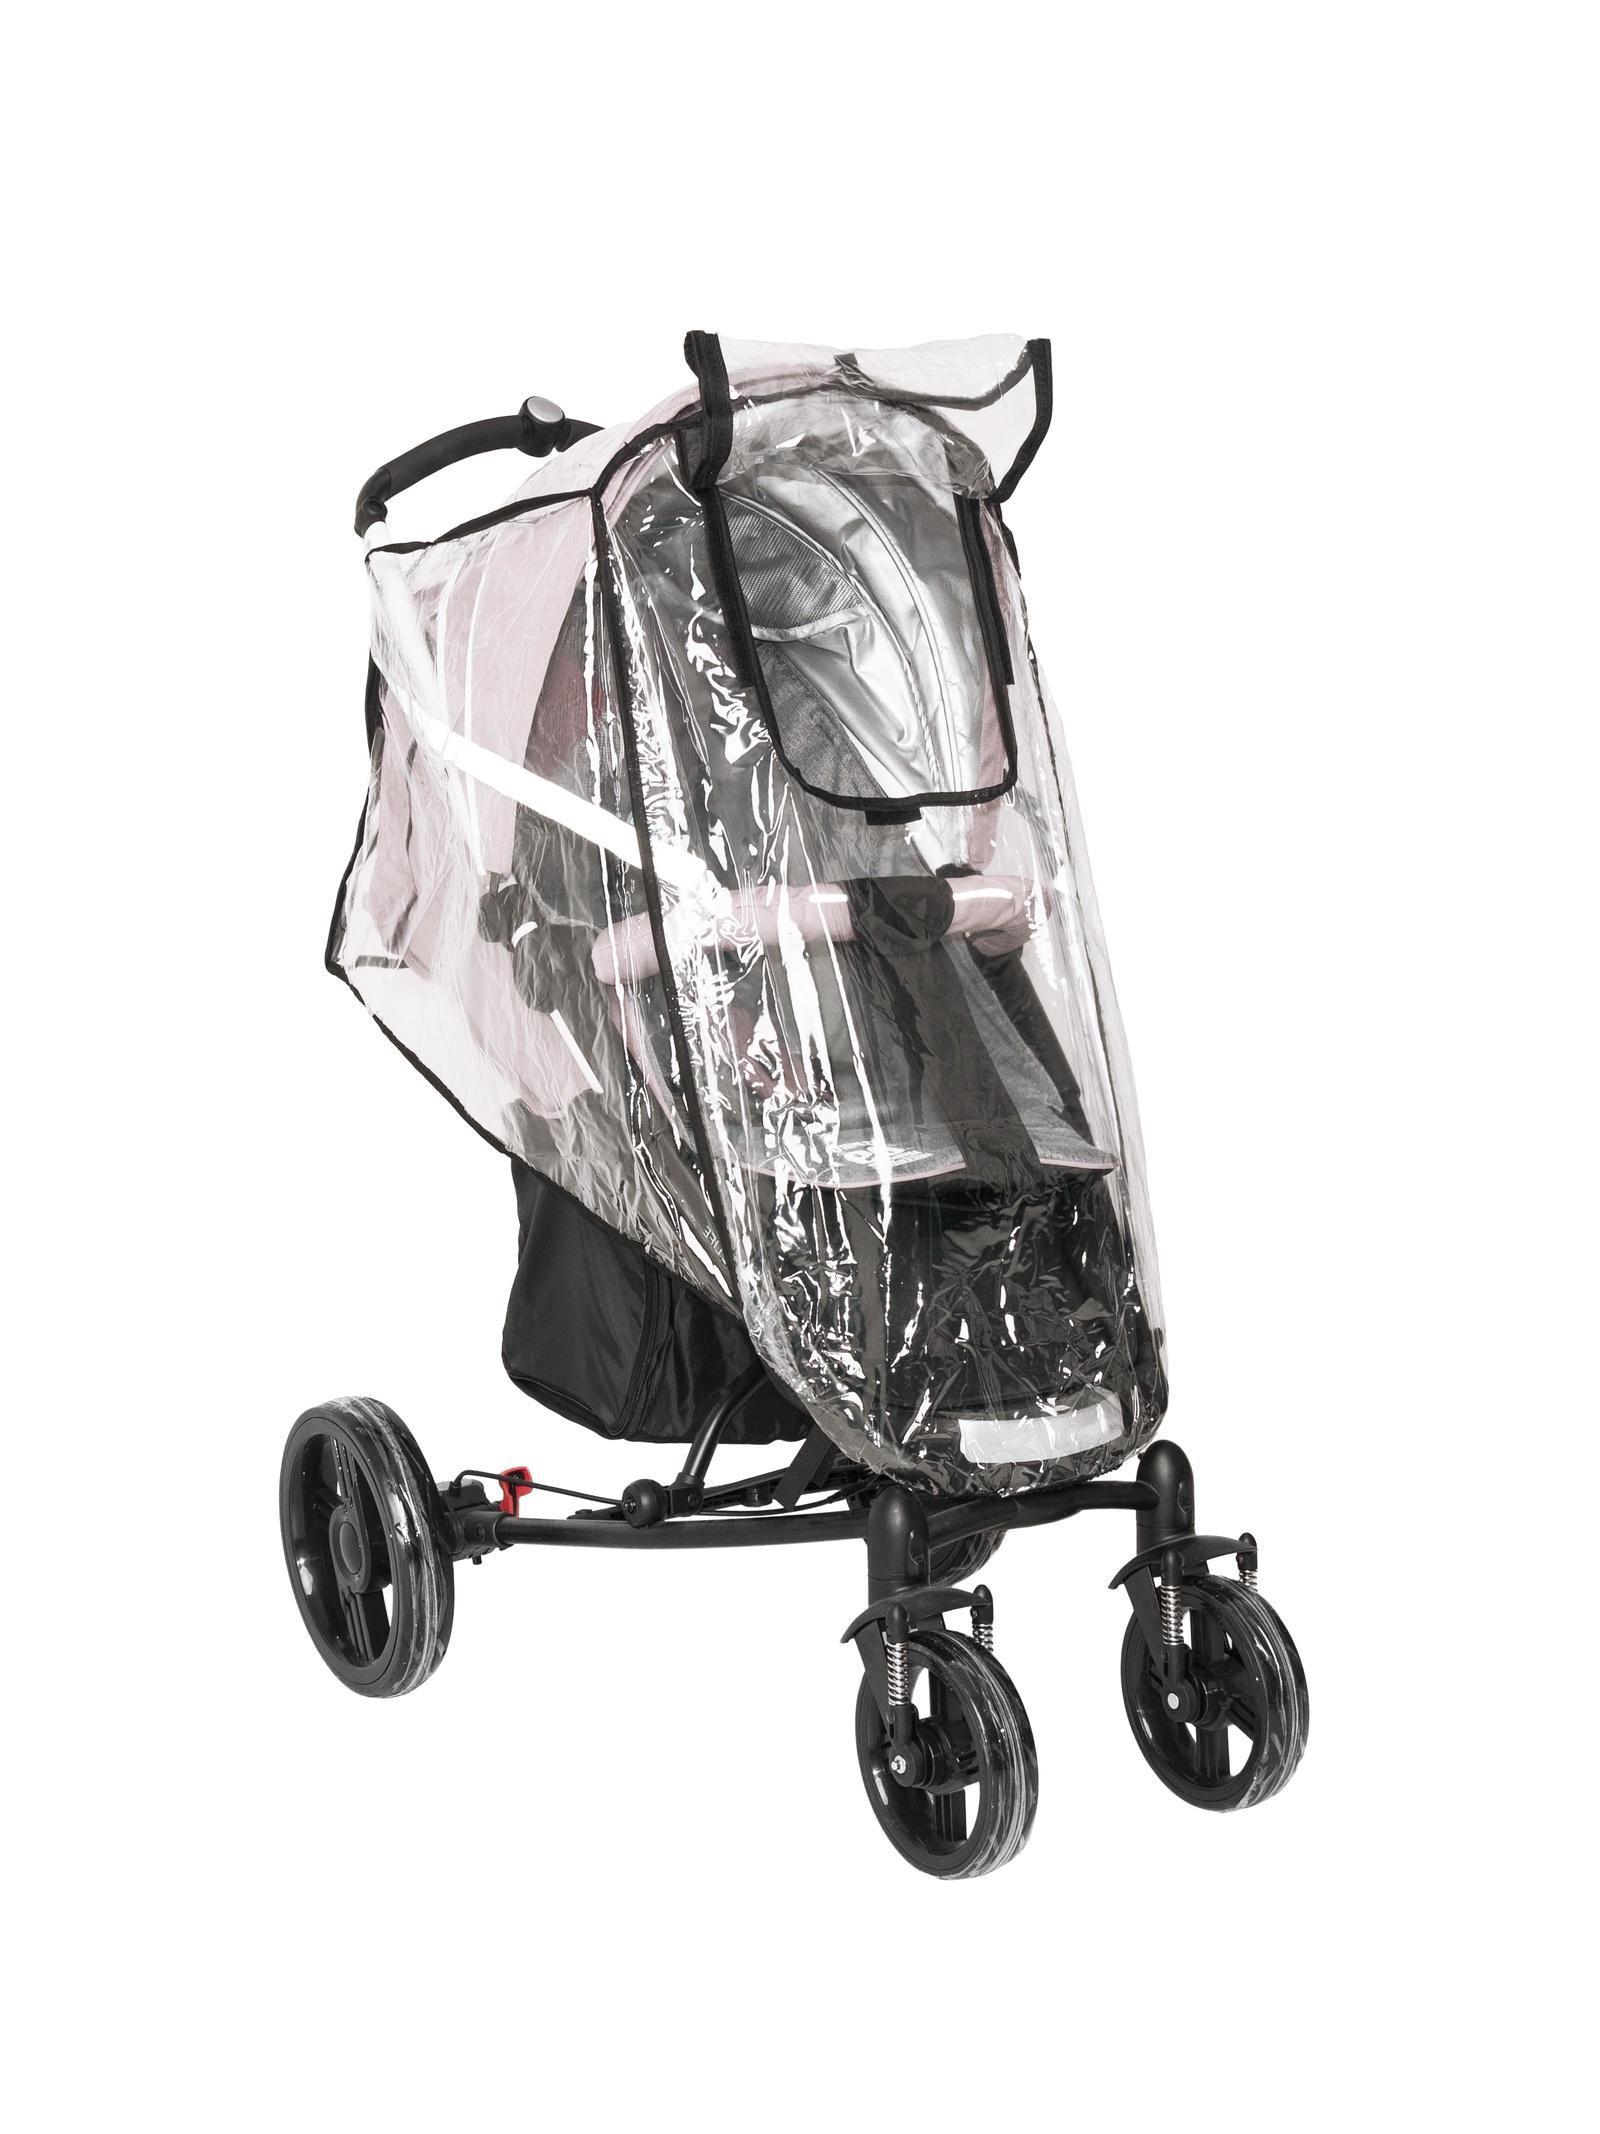 Аксессуар для колясок Trottola Дождевик на прогулочную коляску со светоотражением REFLECT PLUS TRAVEL прозрачный цена